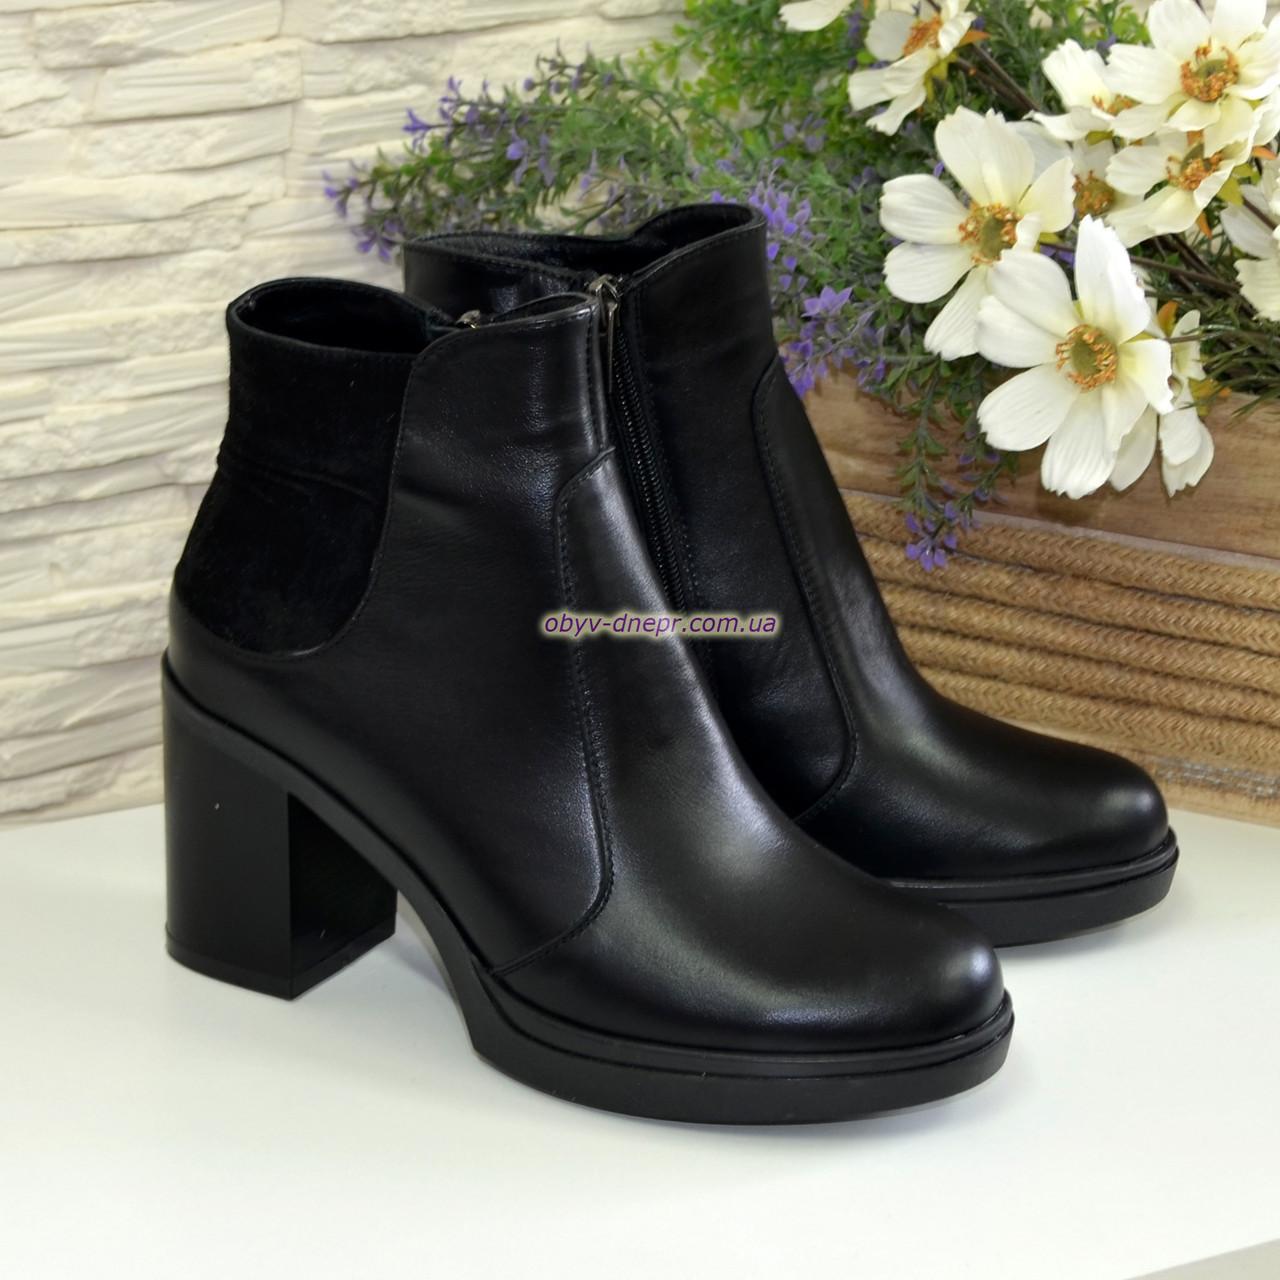 Полуботинки женские черные демисезонные на устойчивом каблуке. 37 размер